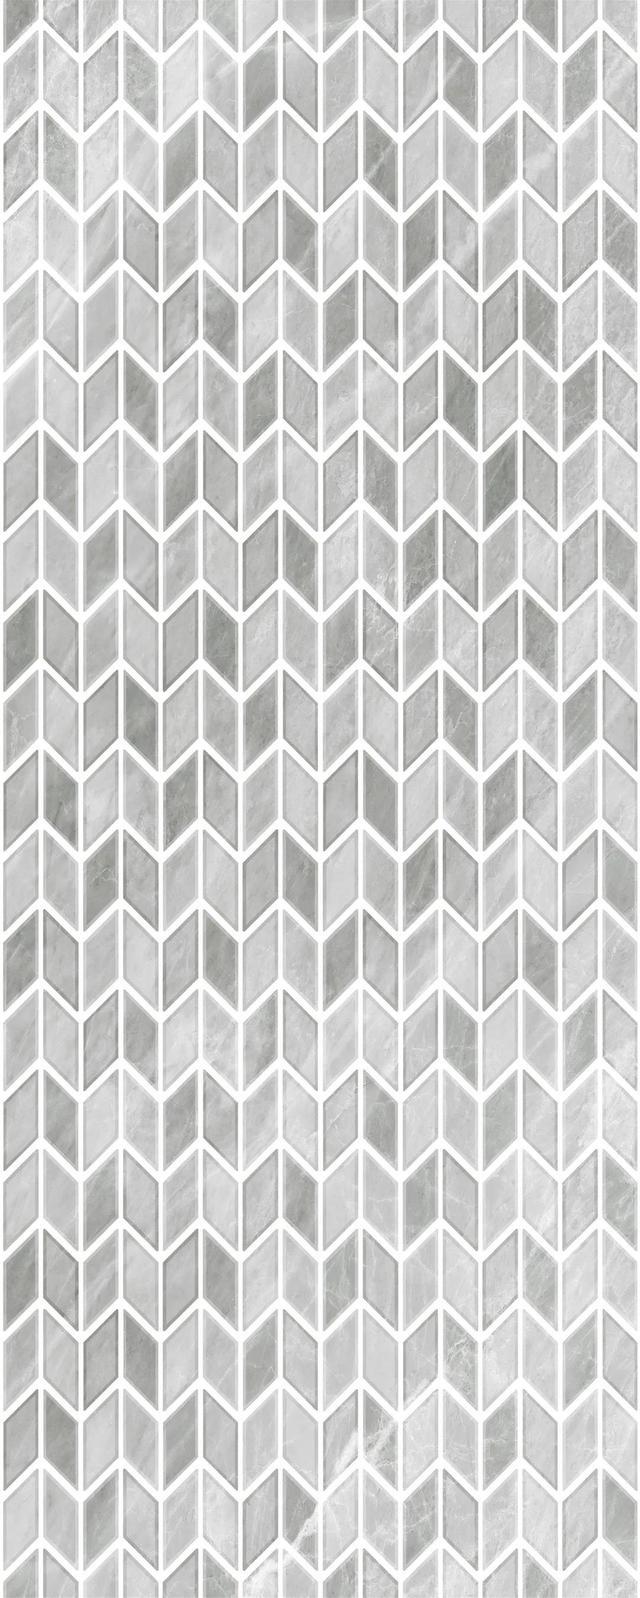 陶瓷一线品牌罗曼缔克瓷砖360x900纳米比亚灰的美,拒绝肤浅